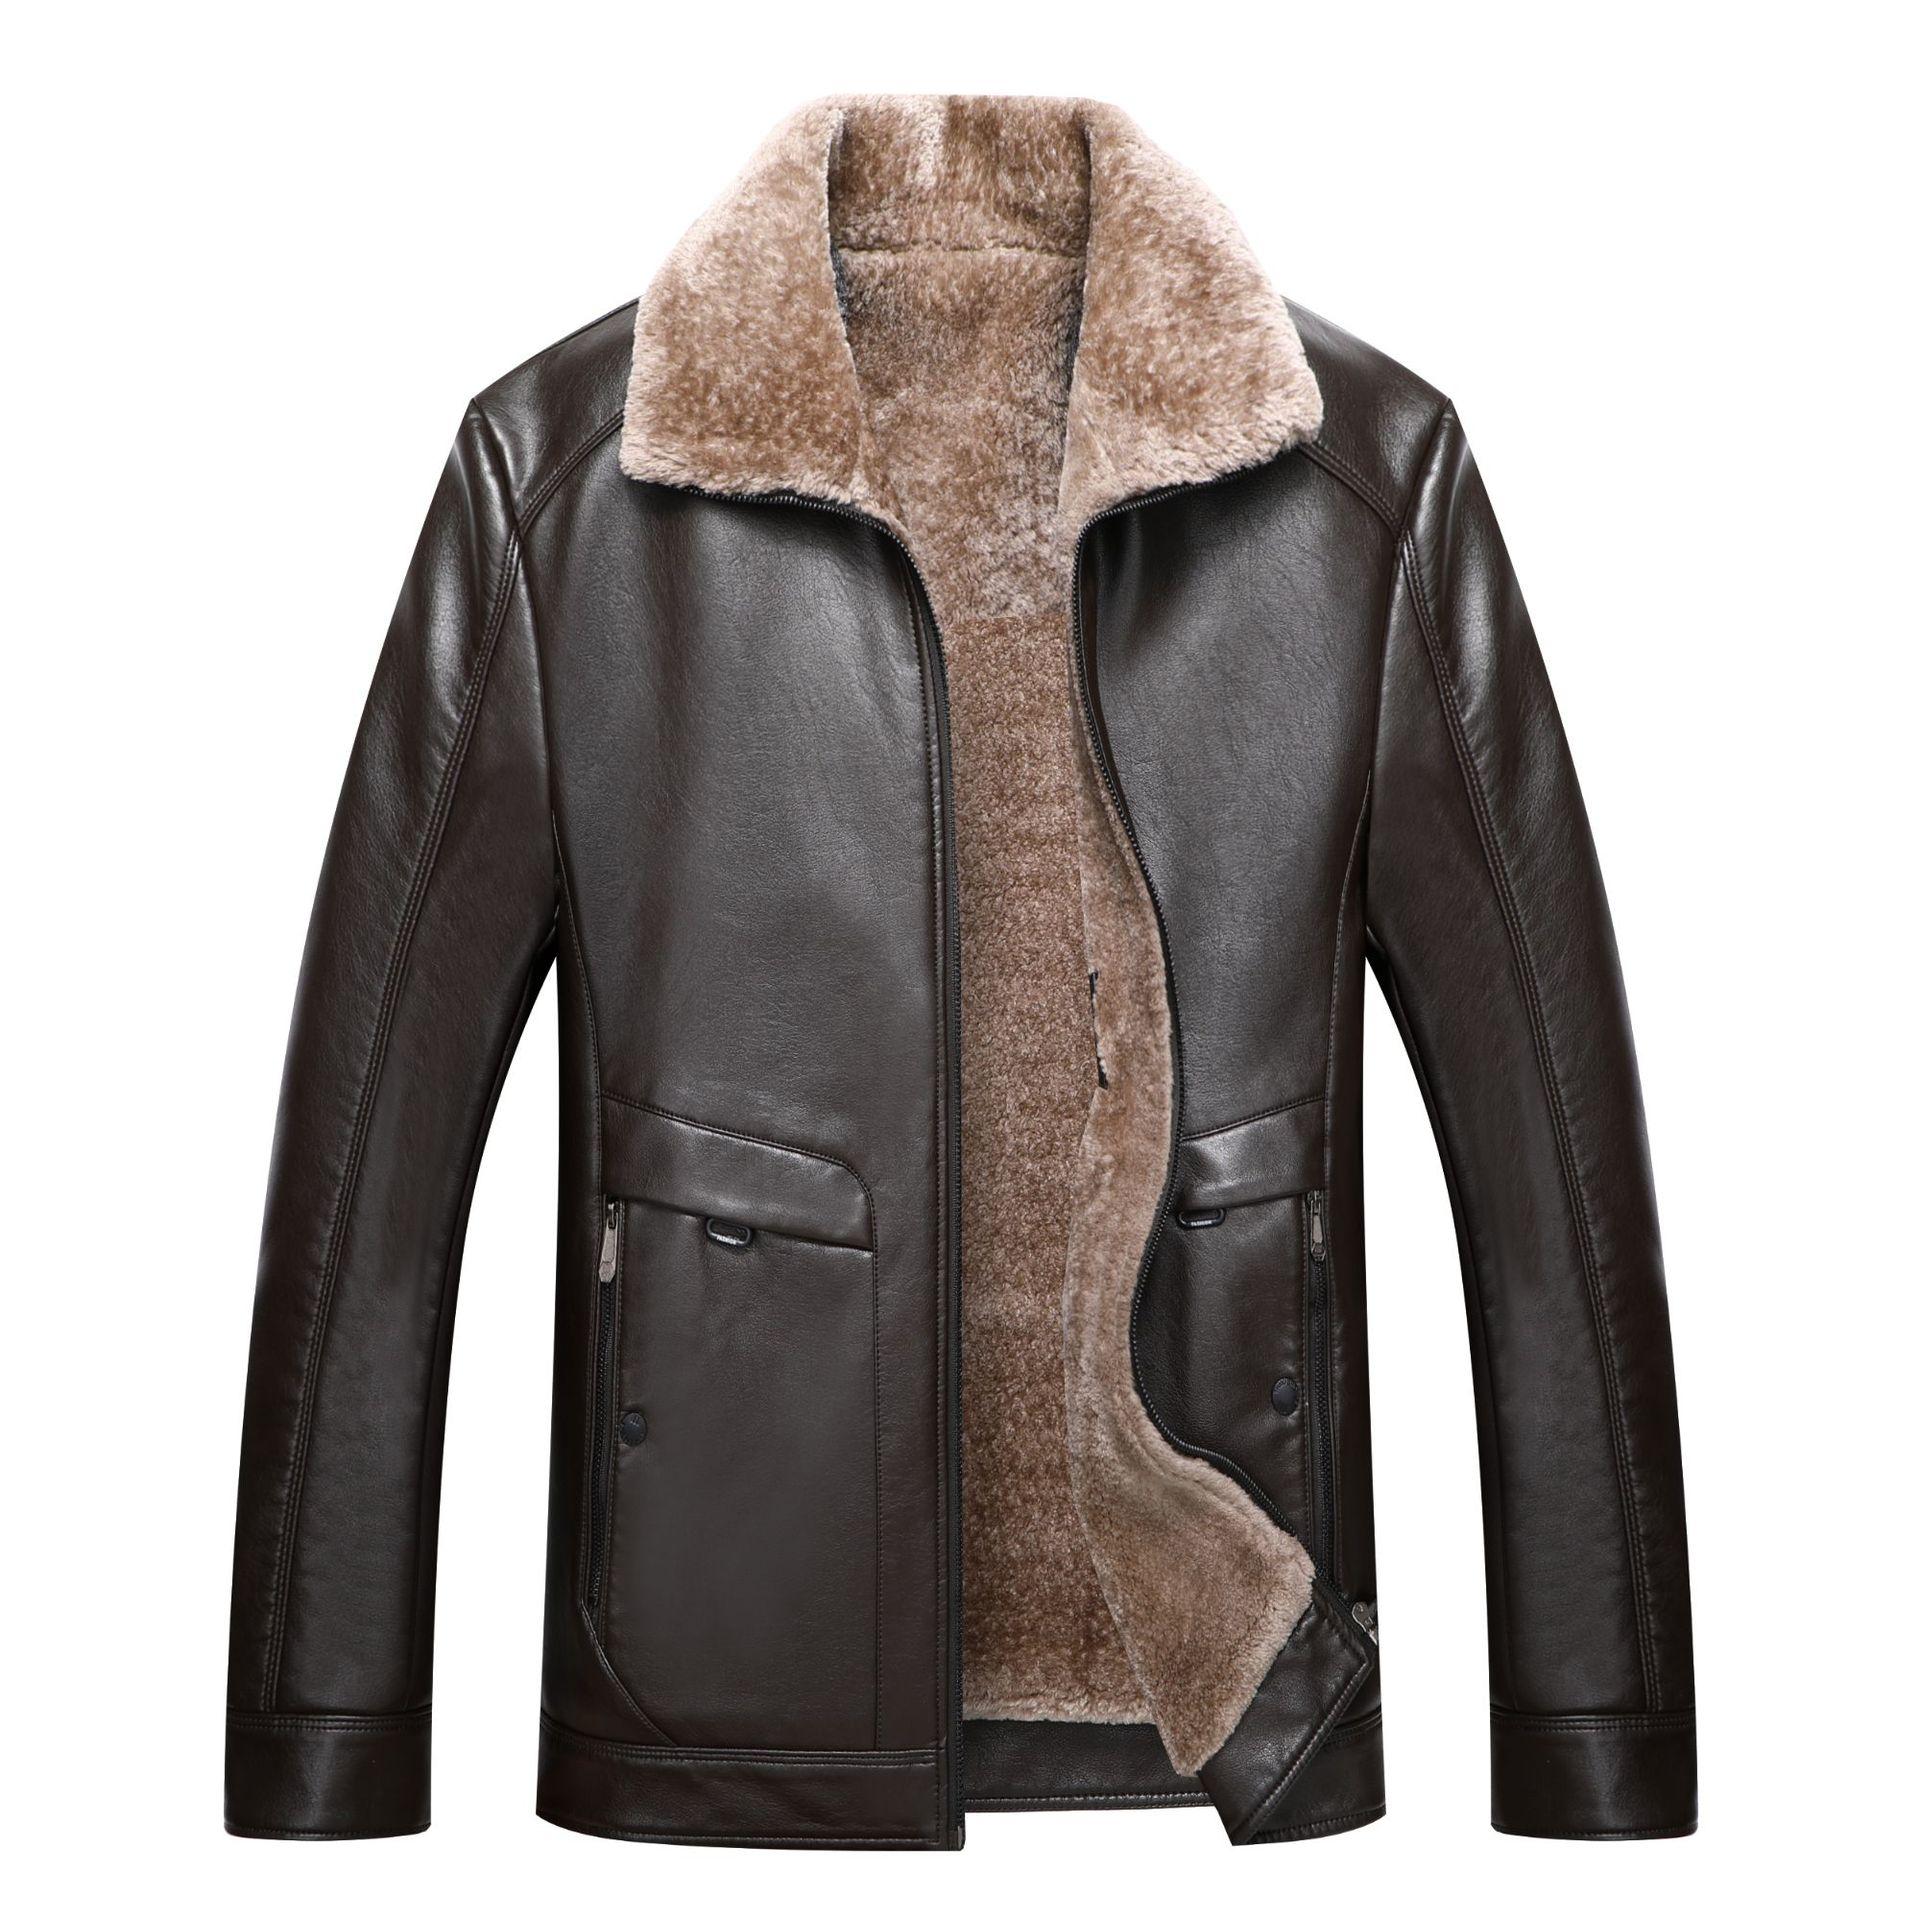 皮毛男210斤PU皮衣加肥胖佬仔特大码加厚绒超大号皮外套7XlPU夹克